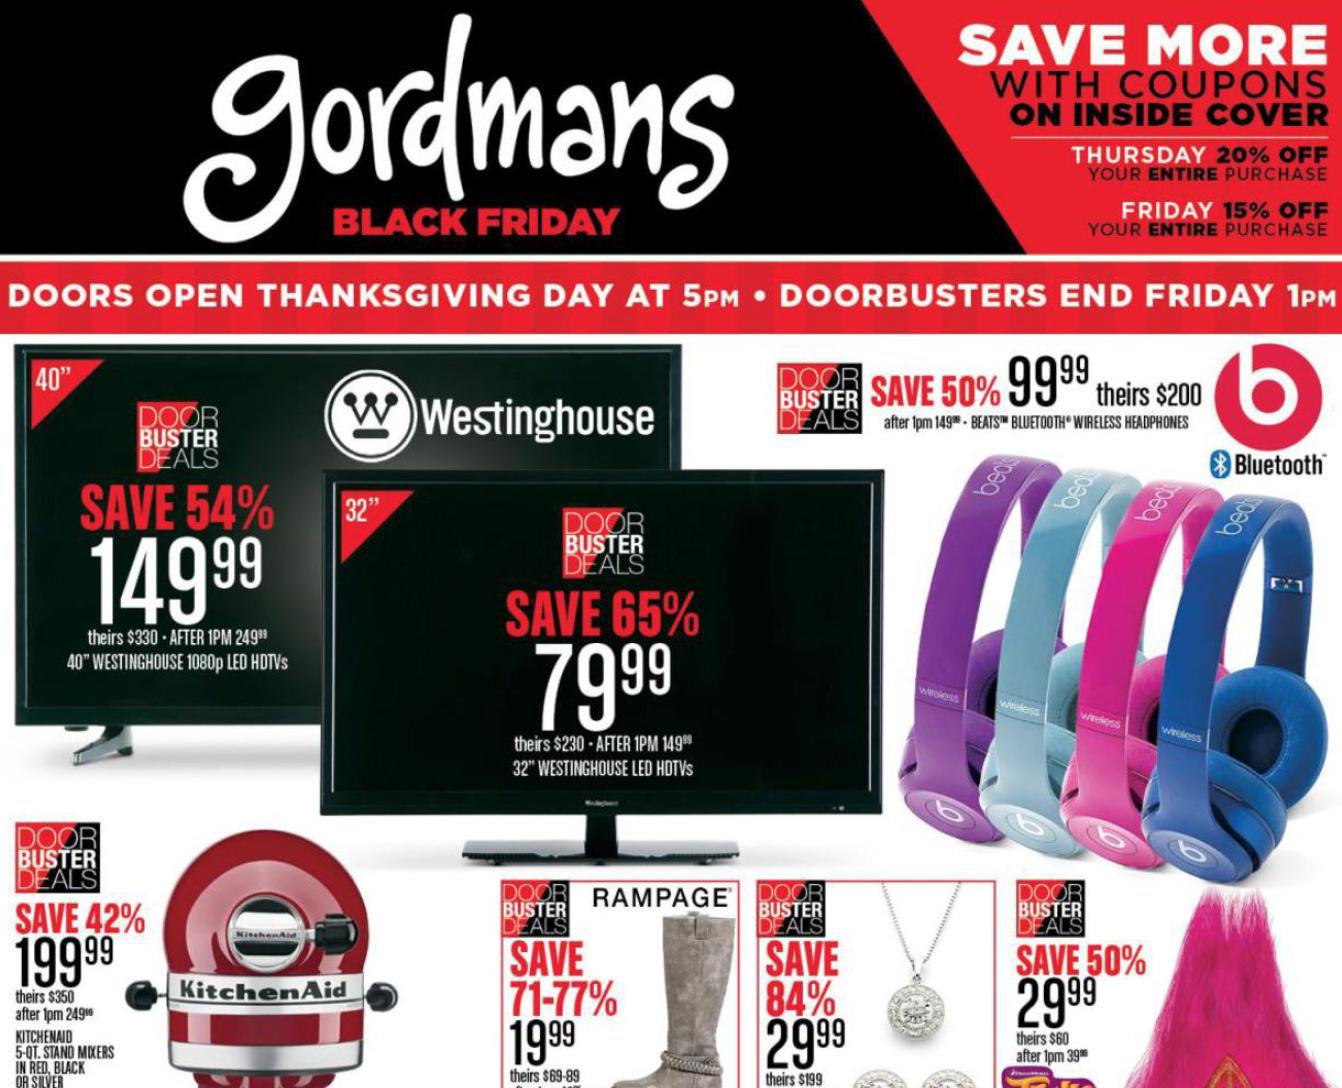 Gordmans 2016 Black Friday Leaked Ad Scans